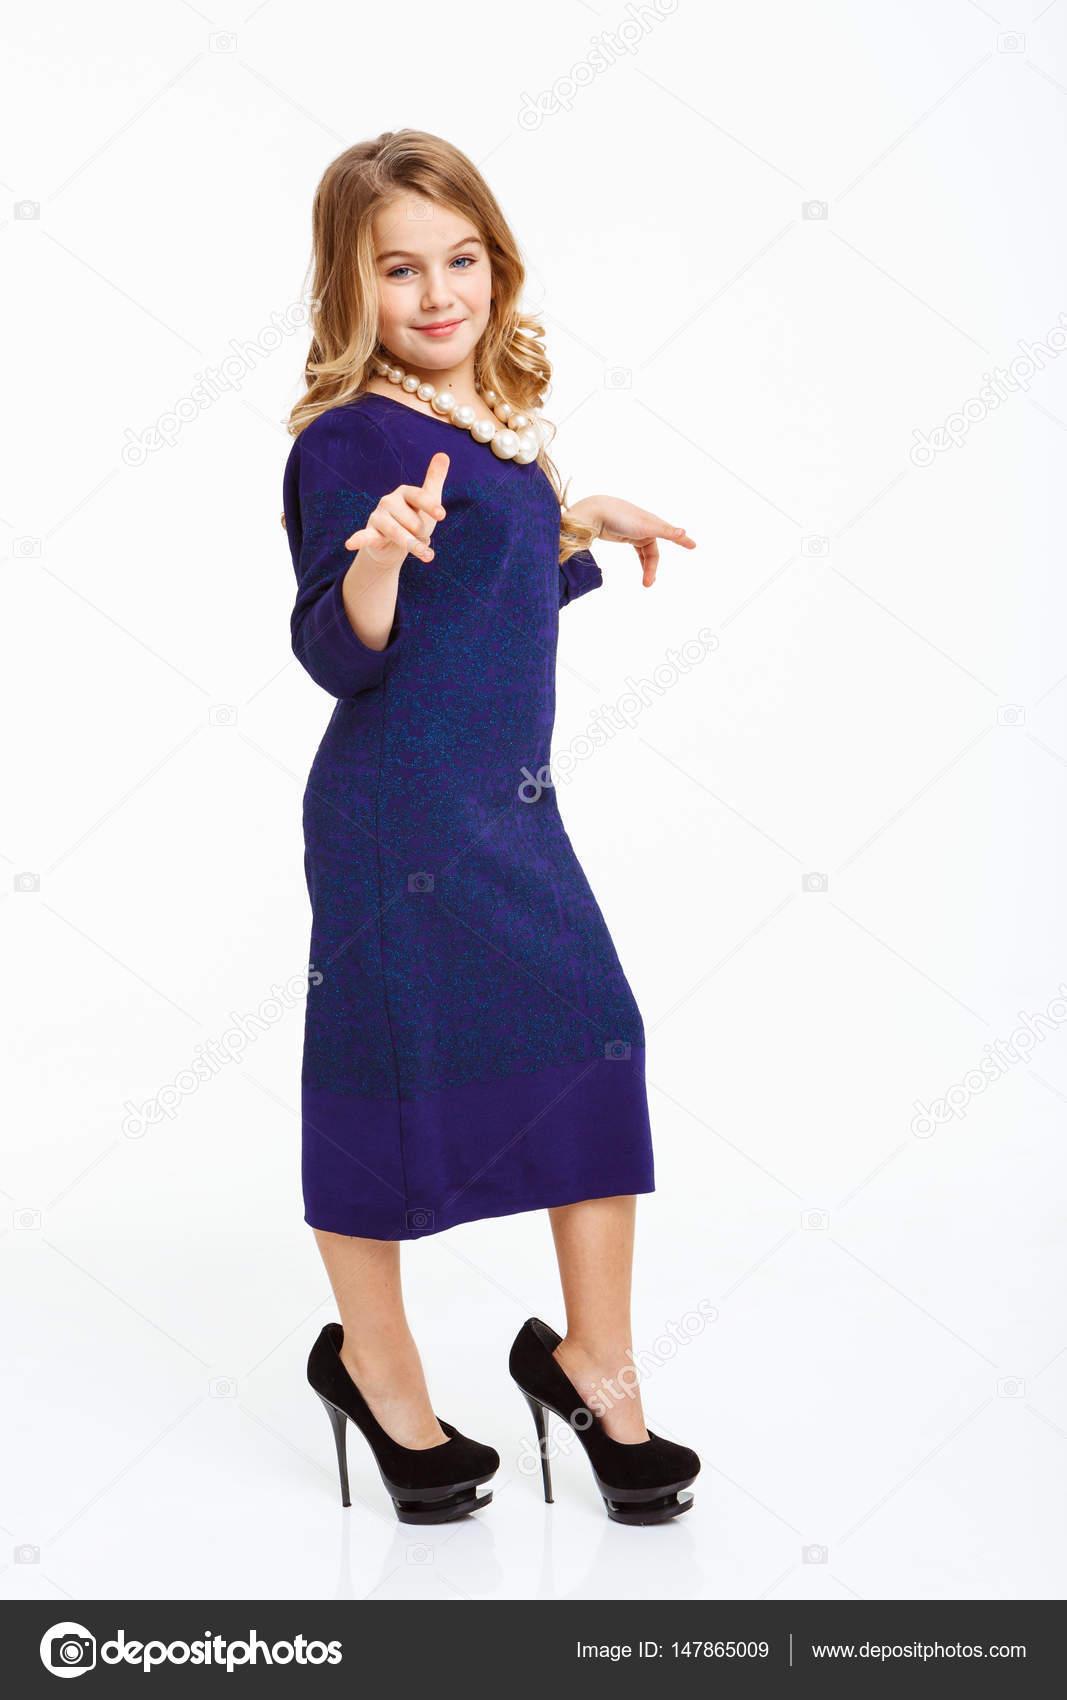 Совещании блондинка в белых туфлях